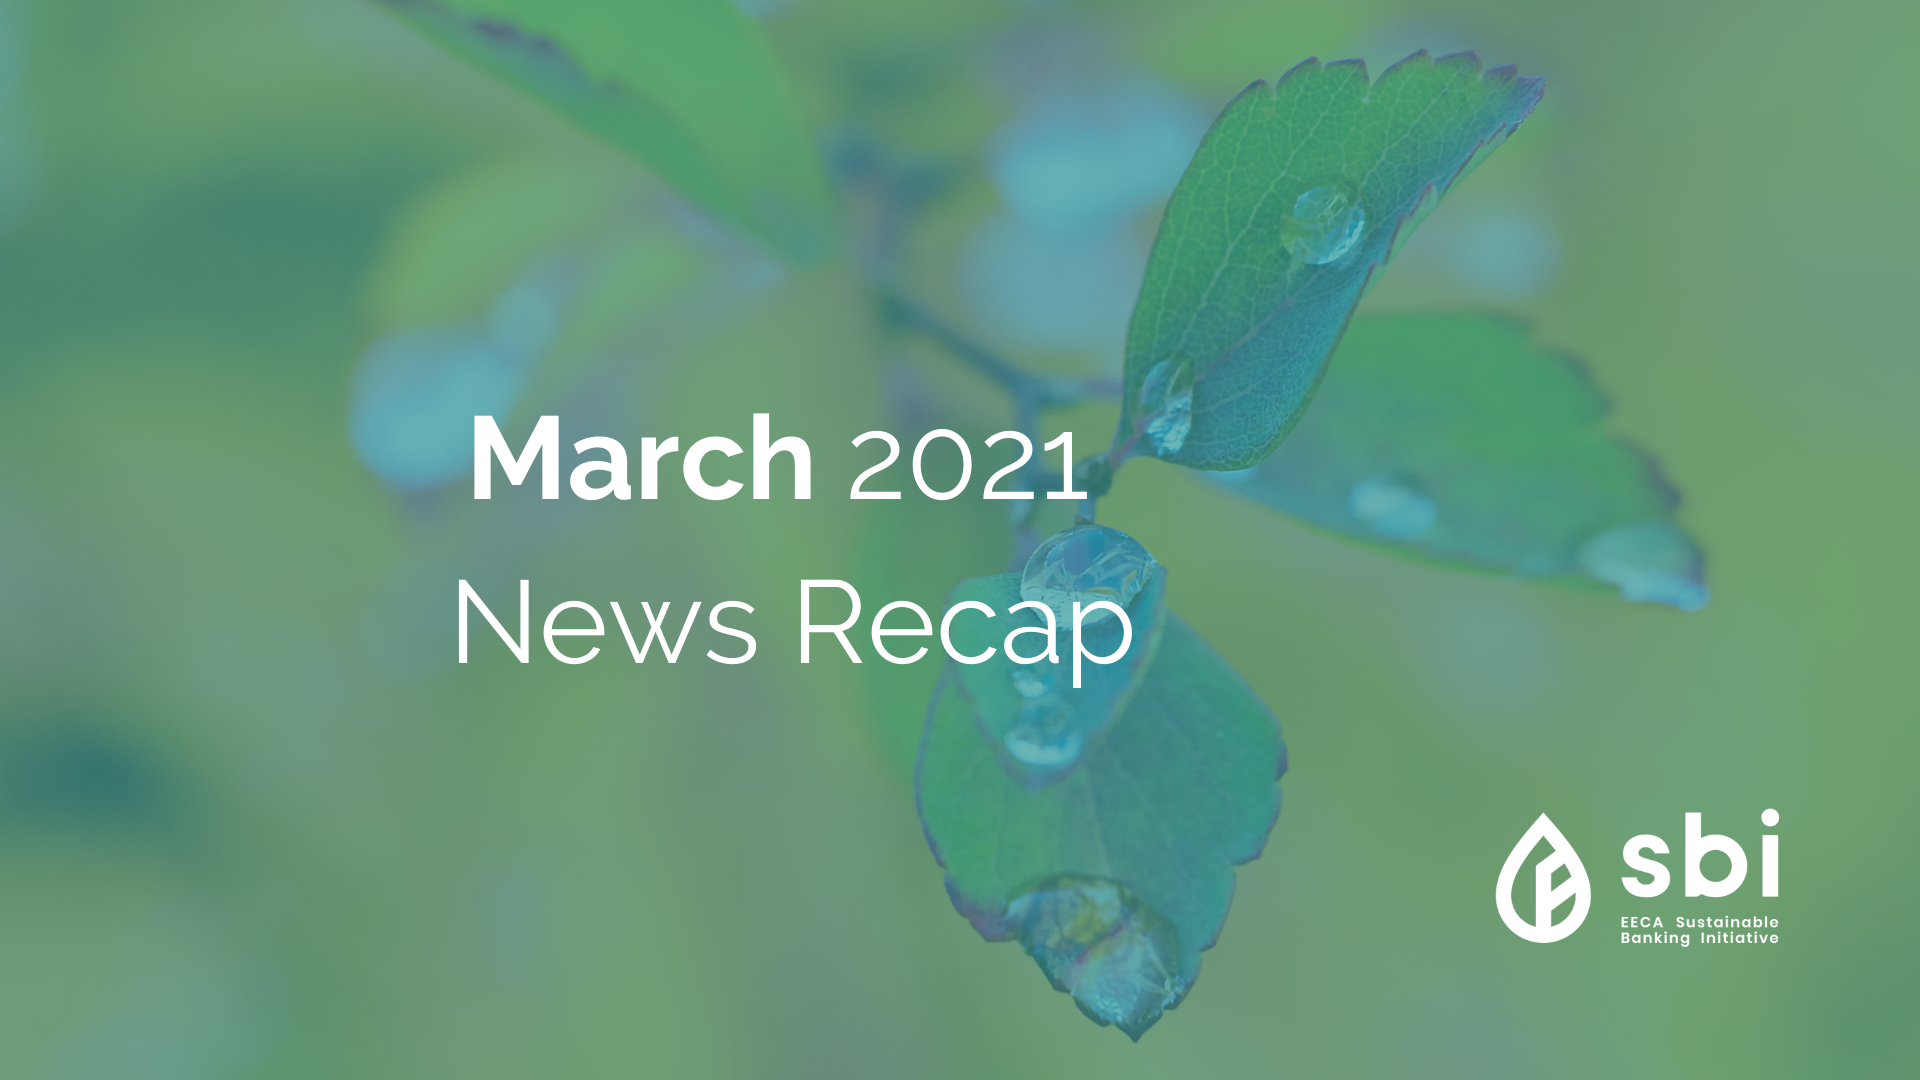 March 2021 News Recap